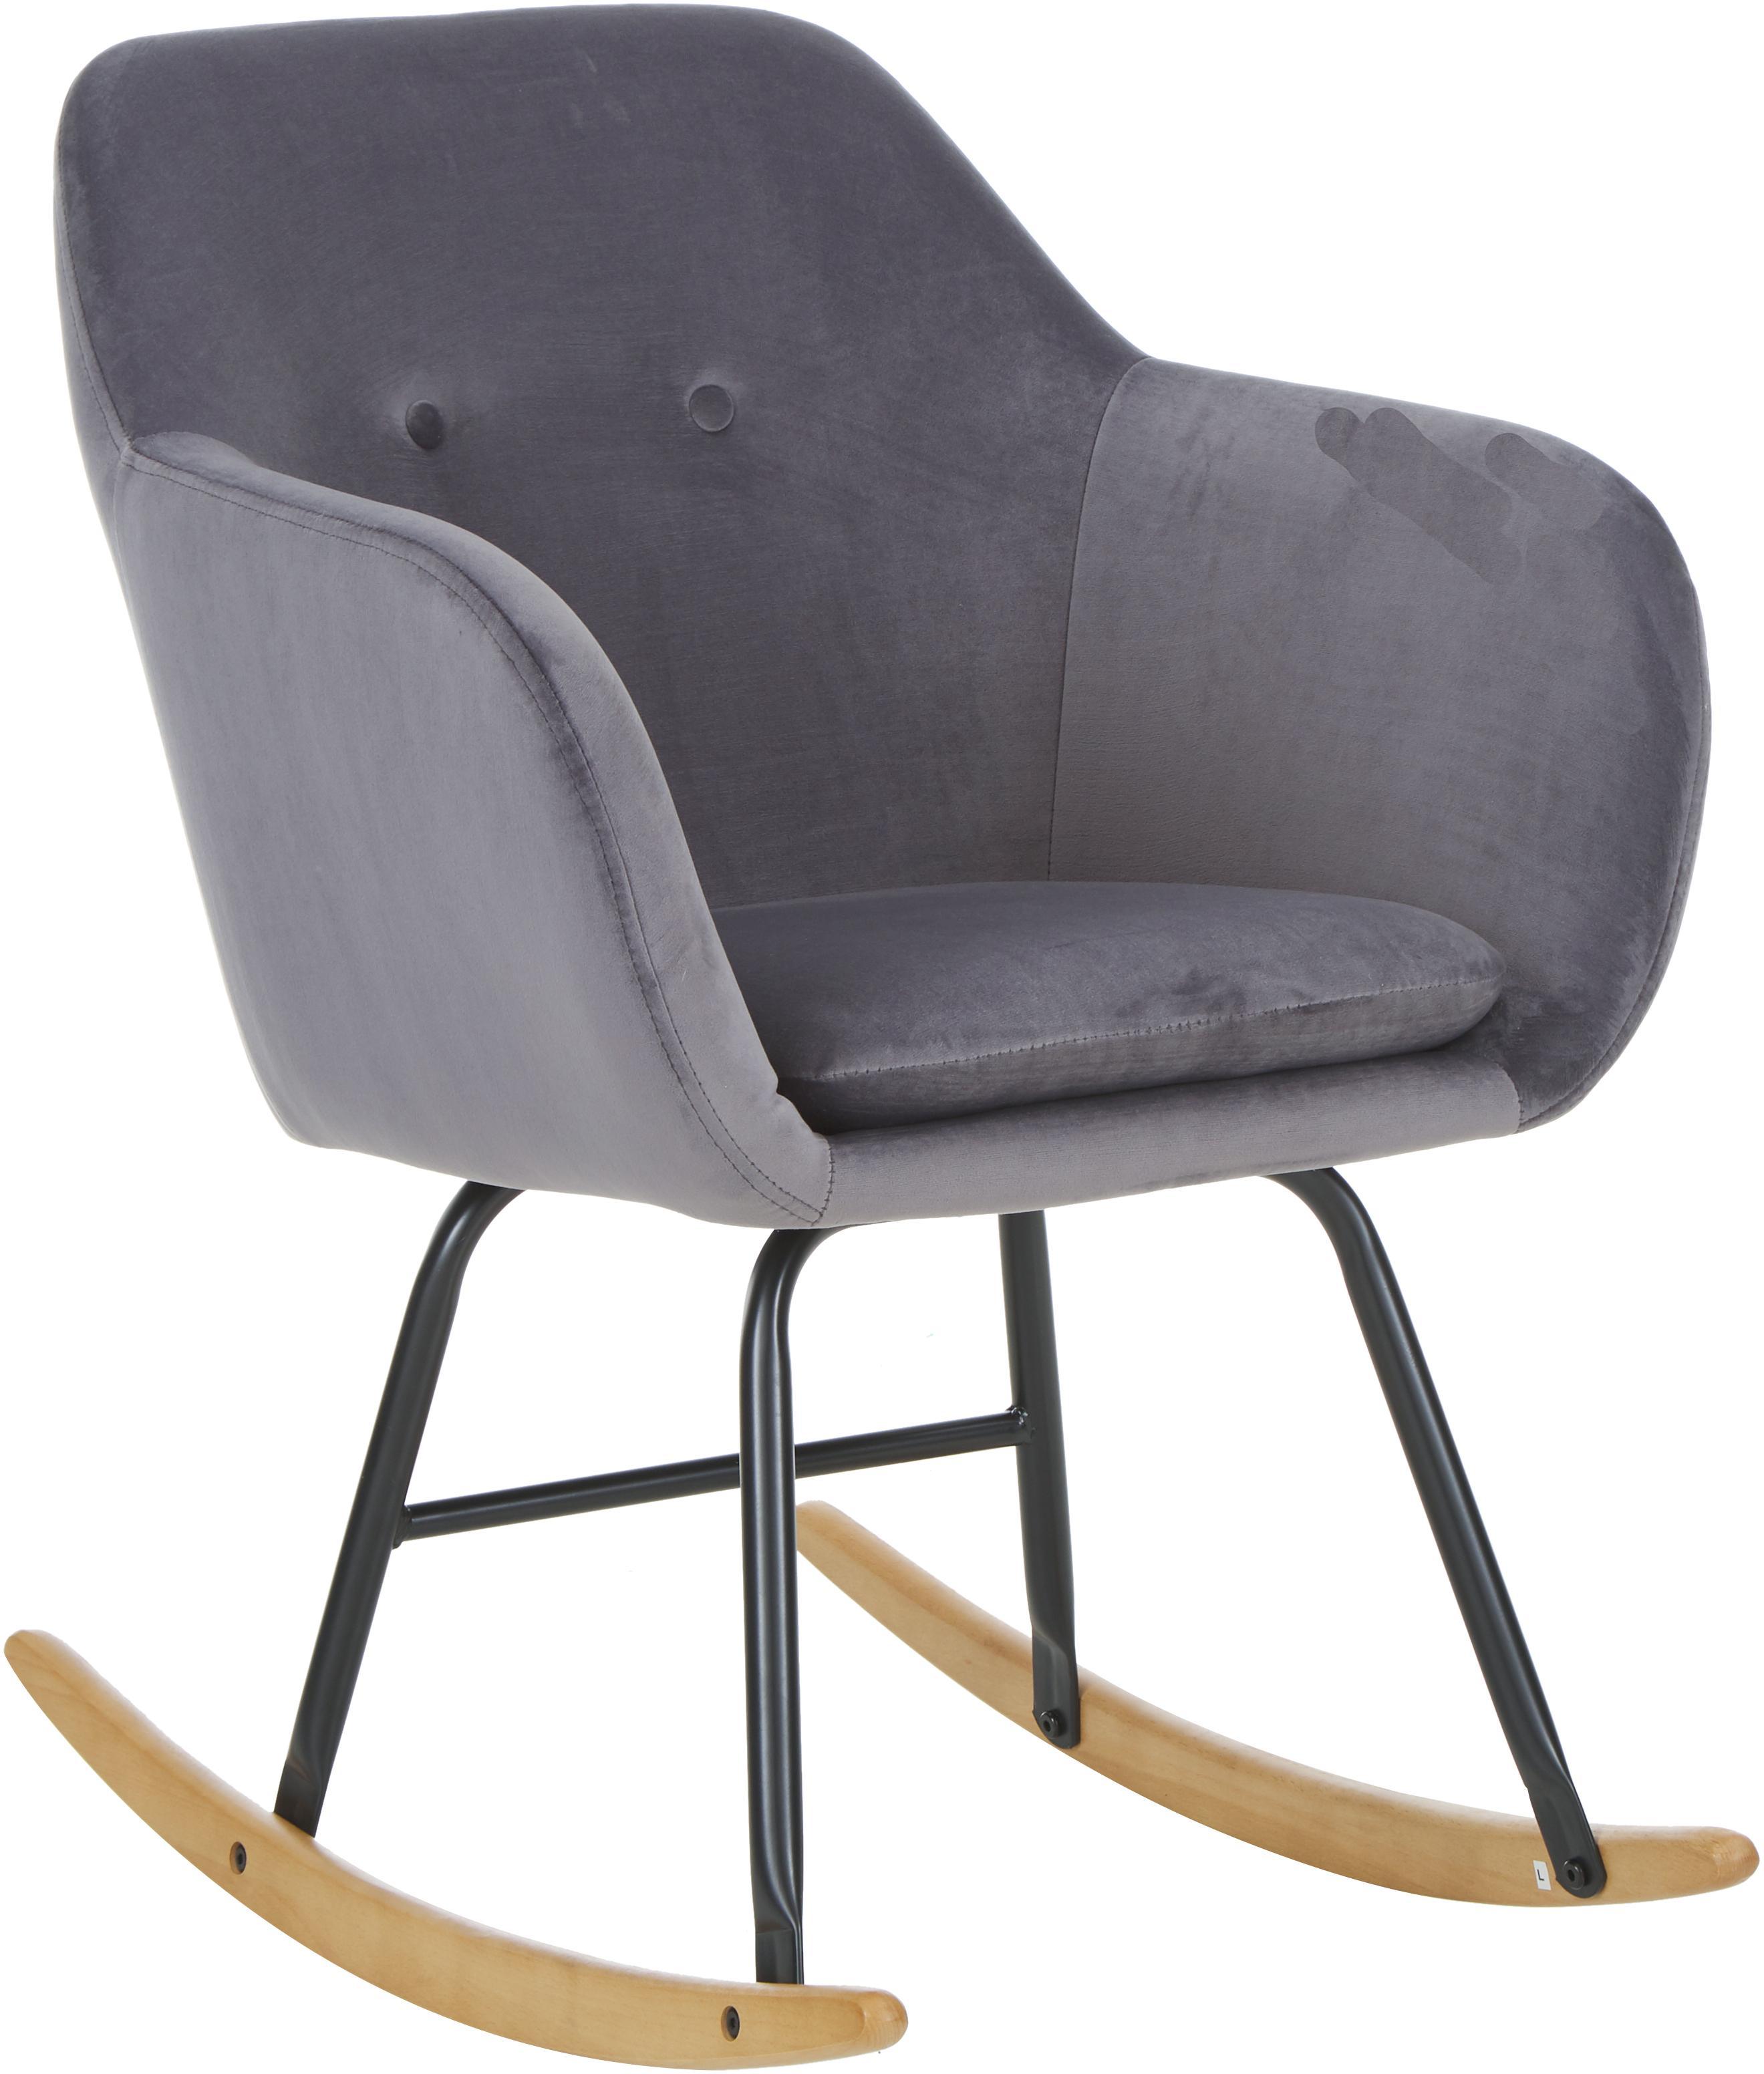 Samt-Schaukelstuhl Emilia in Grau, Bezug: Polyester (Samt) 25.000 S, Beine: Metall, pulverbeschichtet, Samt Grau, 57 x 81 cm